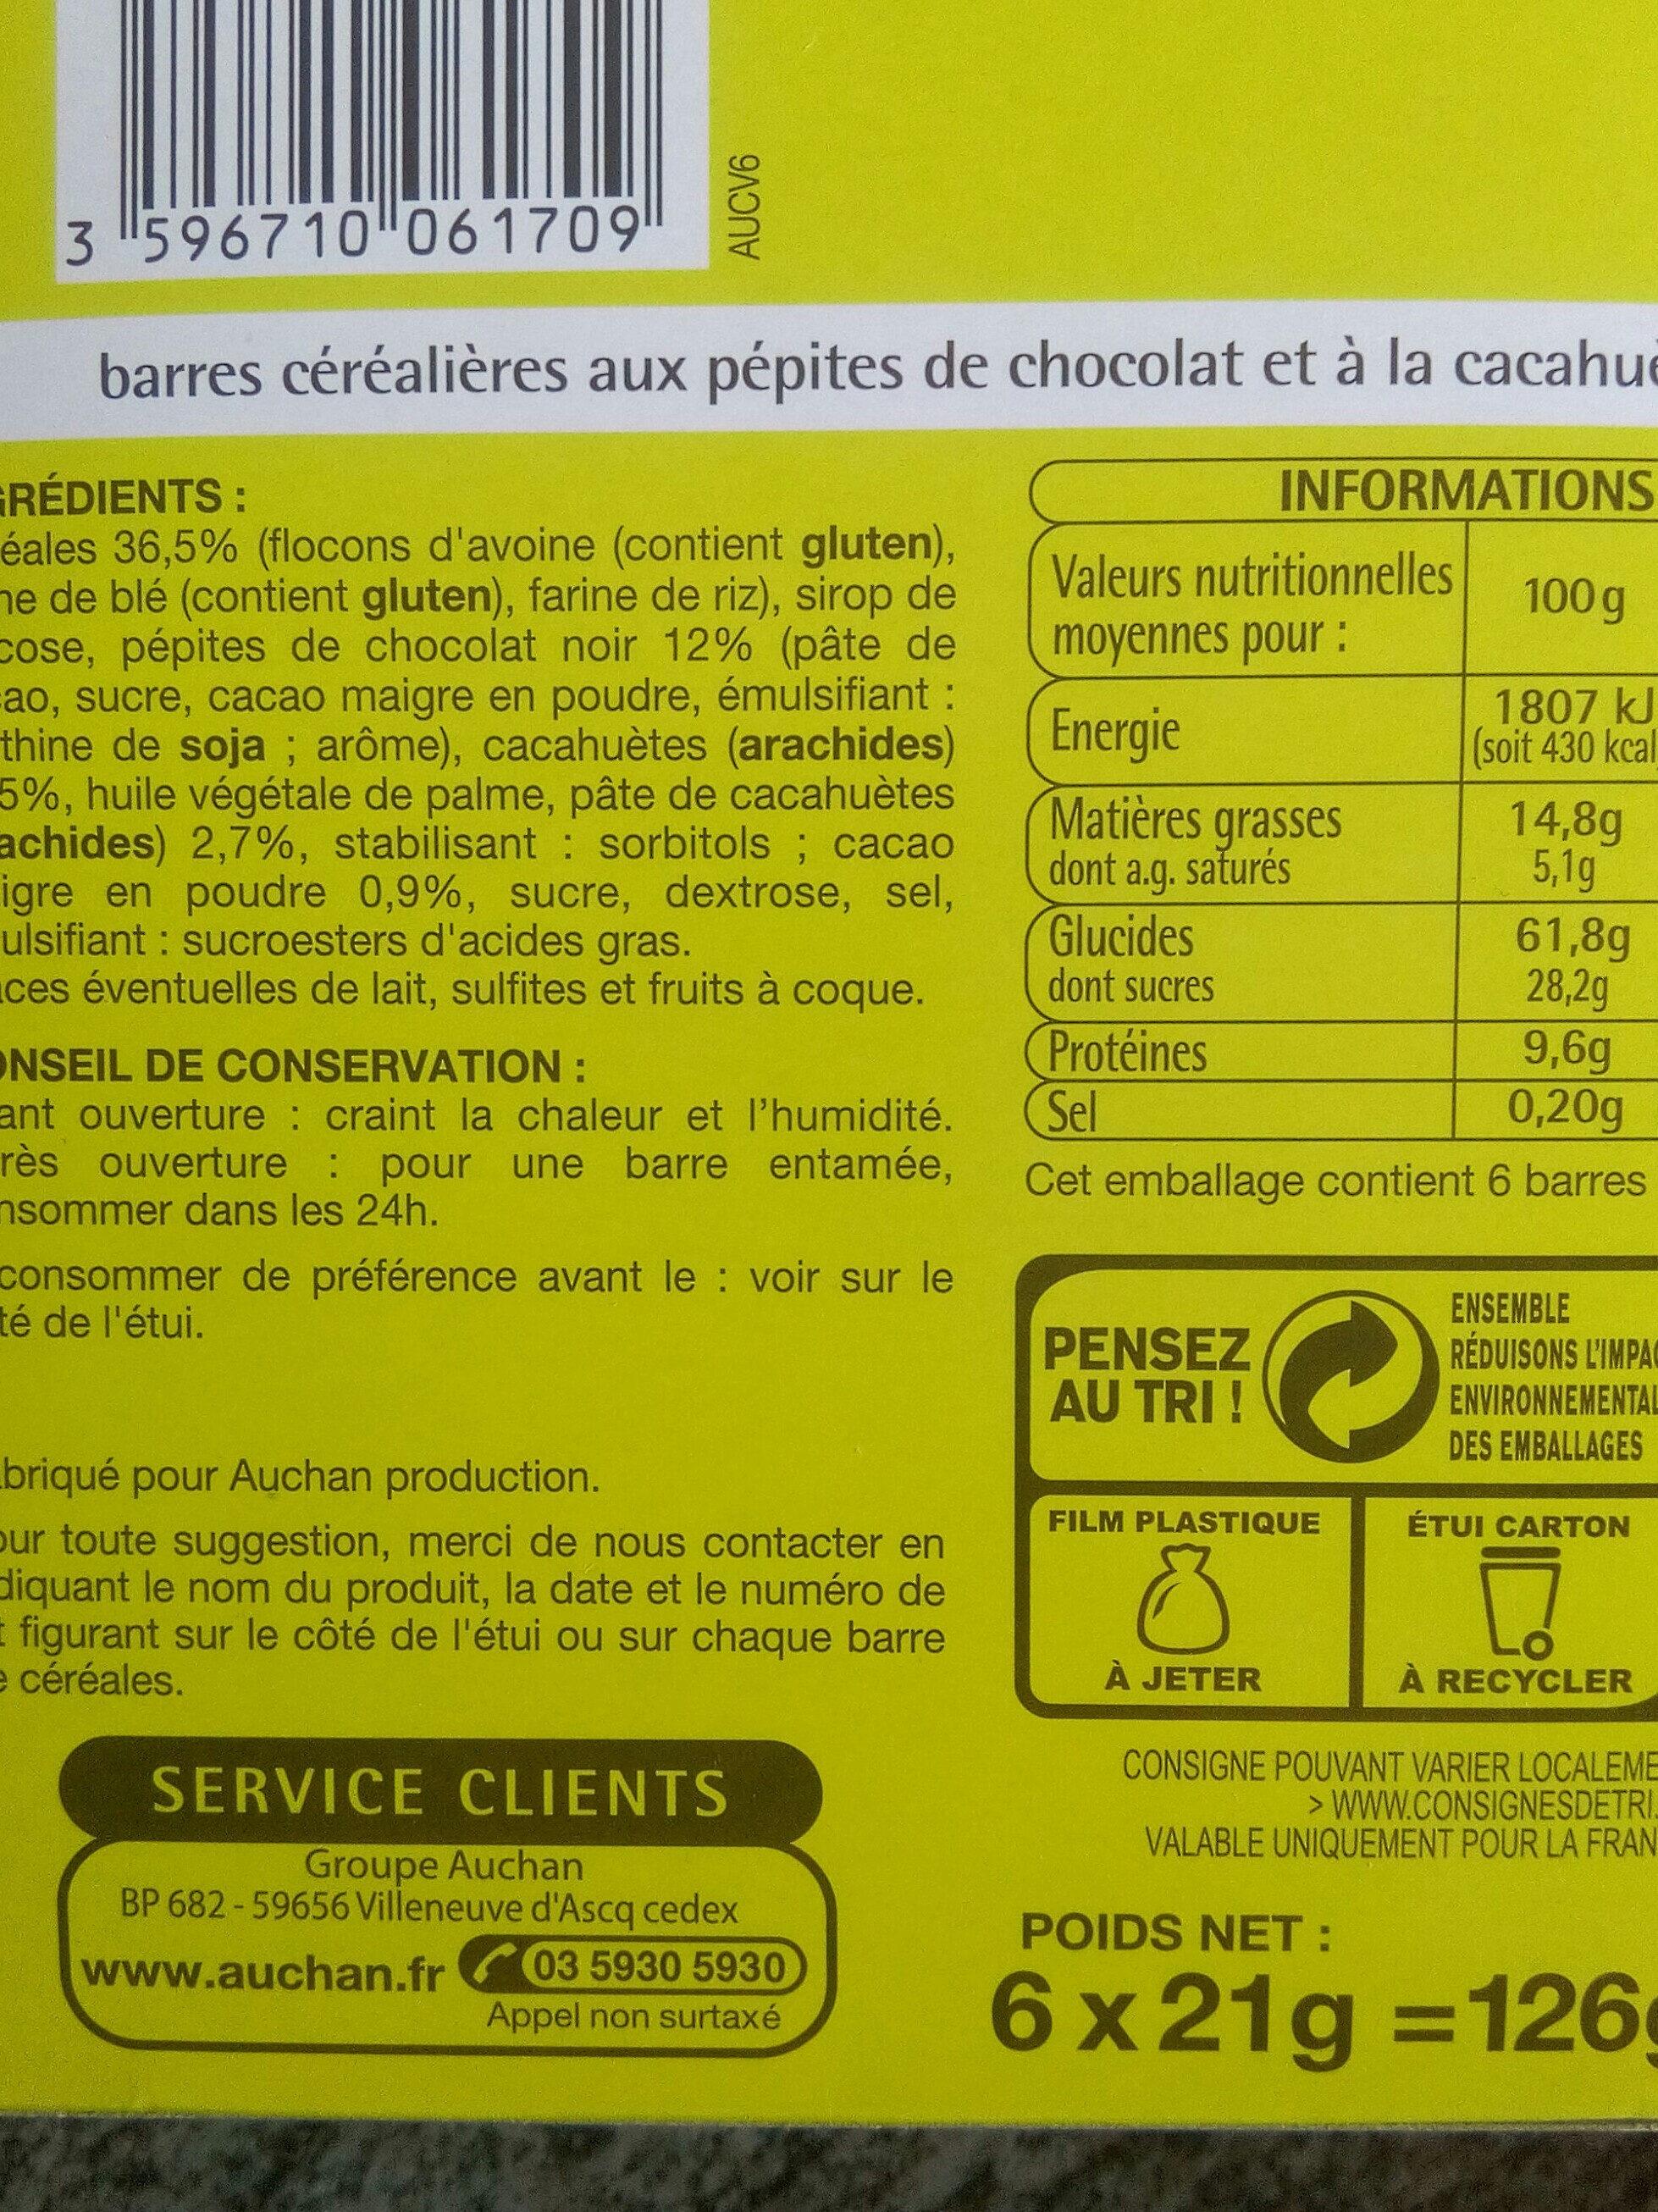 6 Barres Céréalières Chocolat-Cacahuètes - Ingrediënten - fr